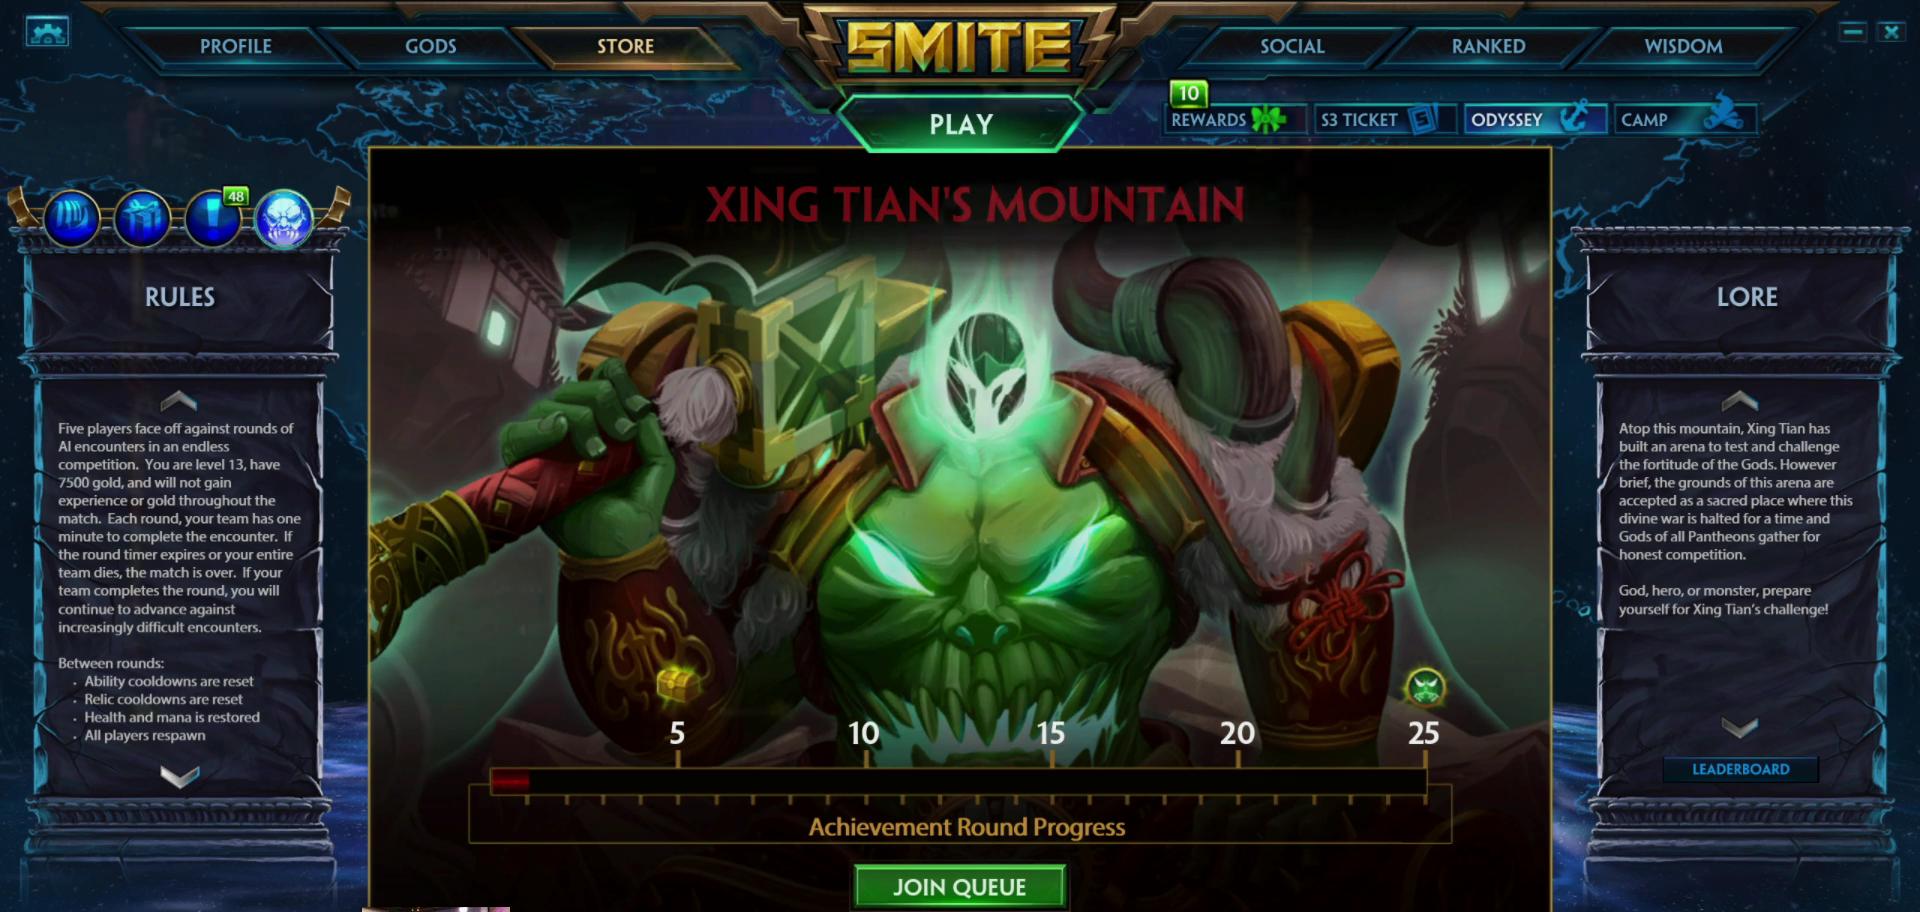 xing-tian-mountain